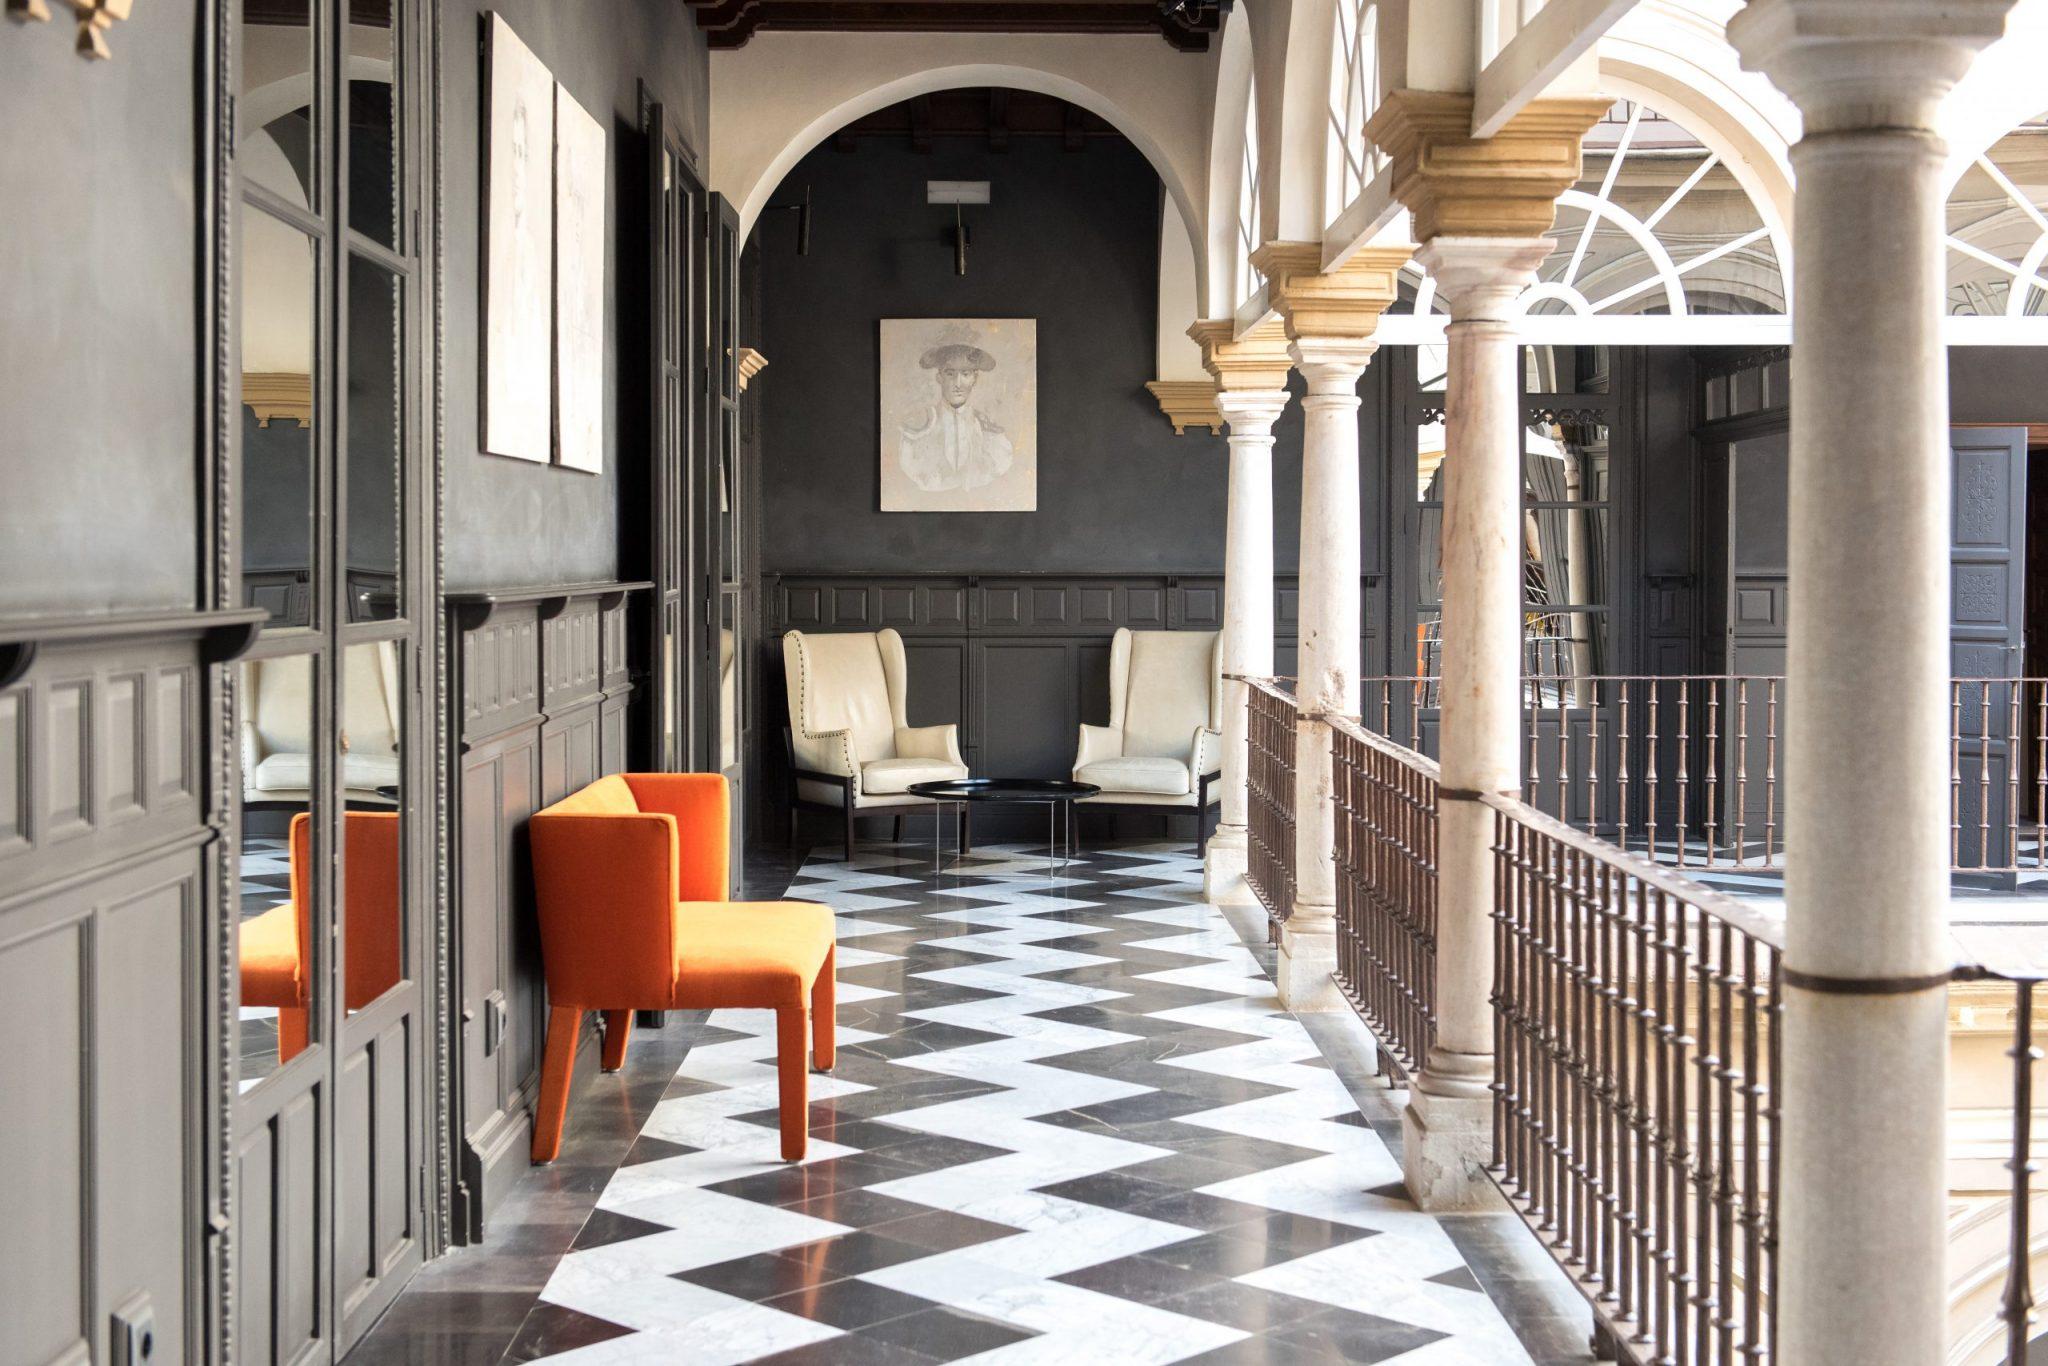 Palacio-interior-1-scaled.jpg